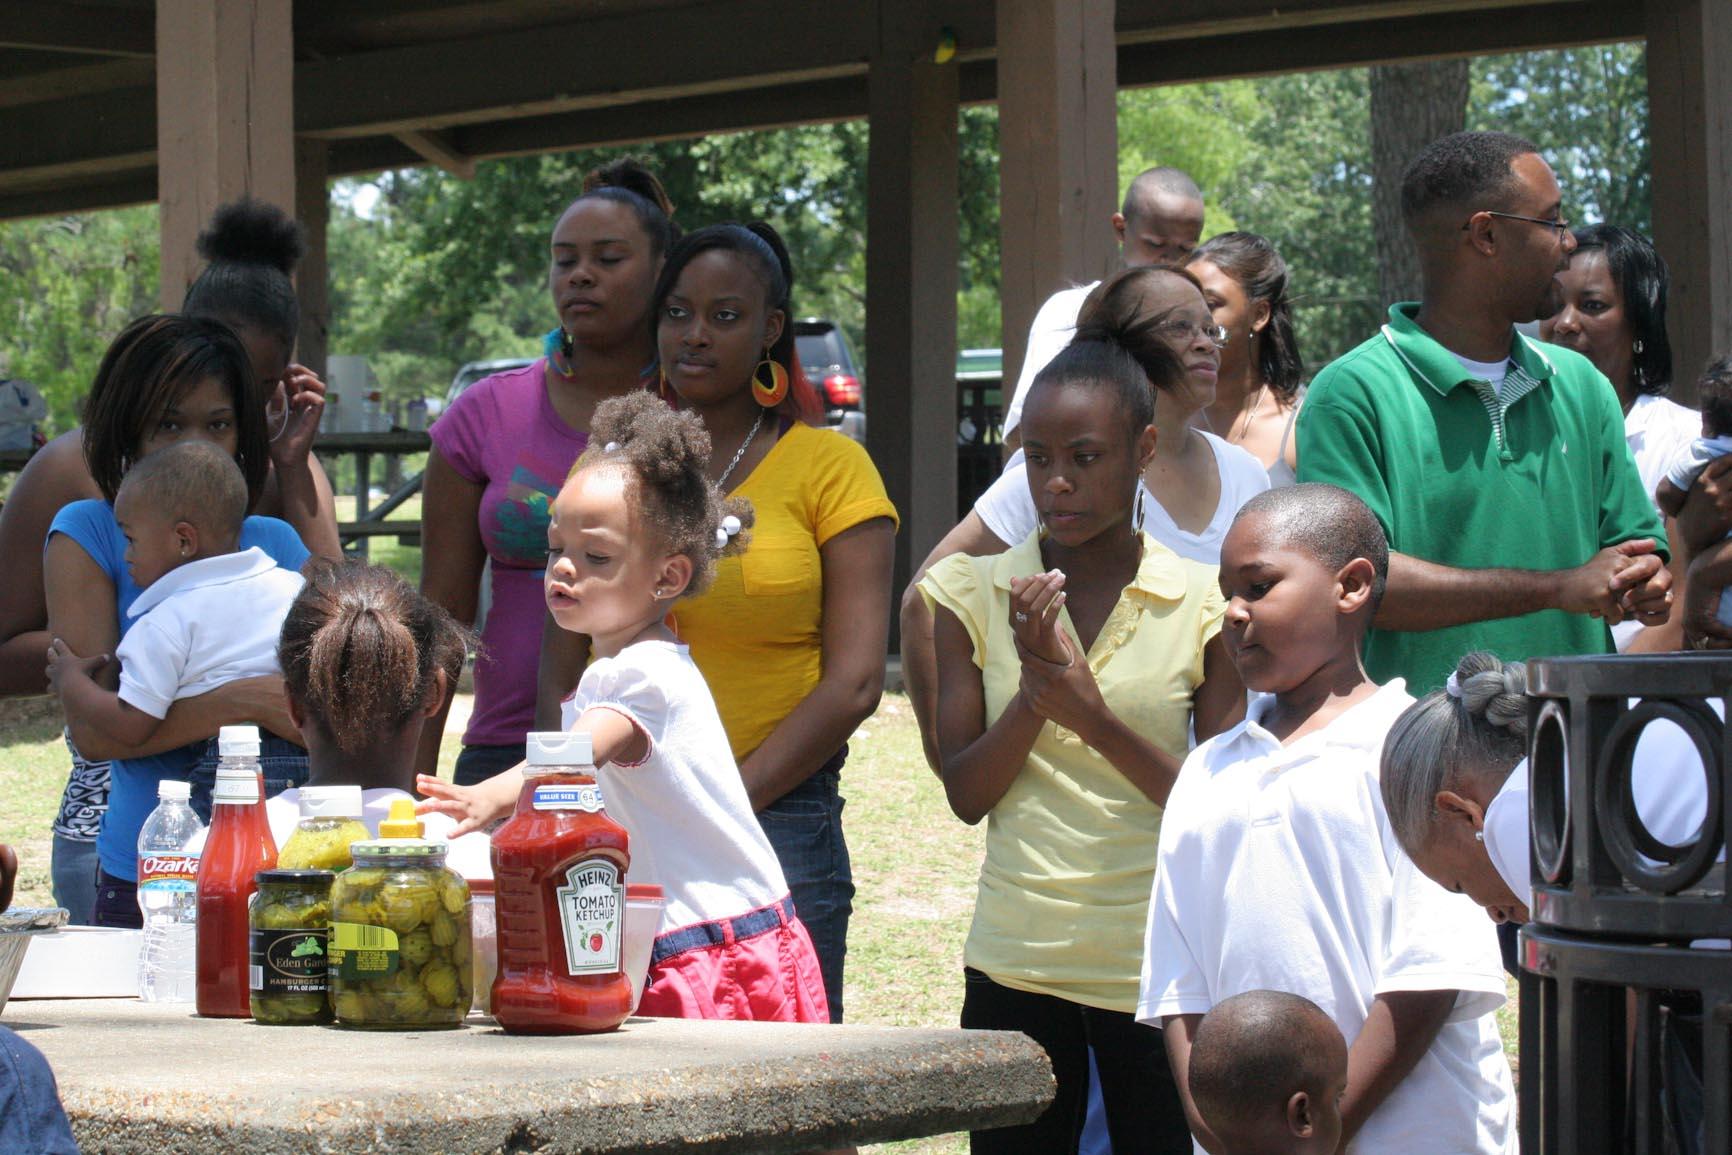 church_picnic 019.jpg